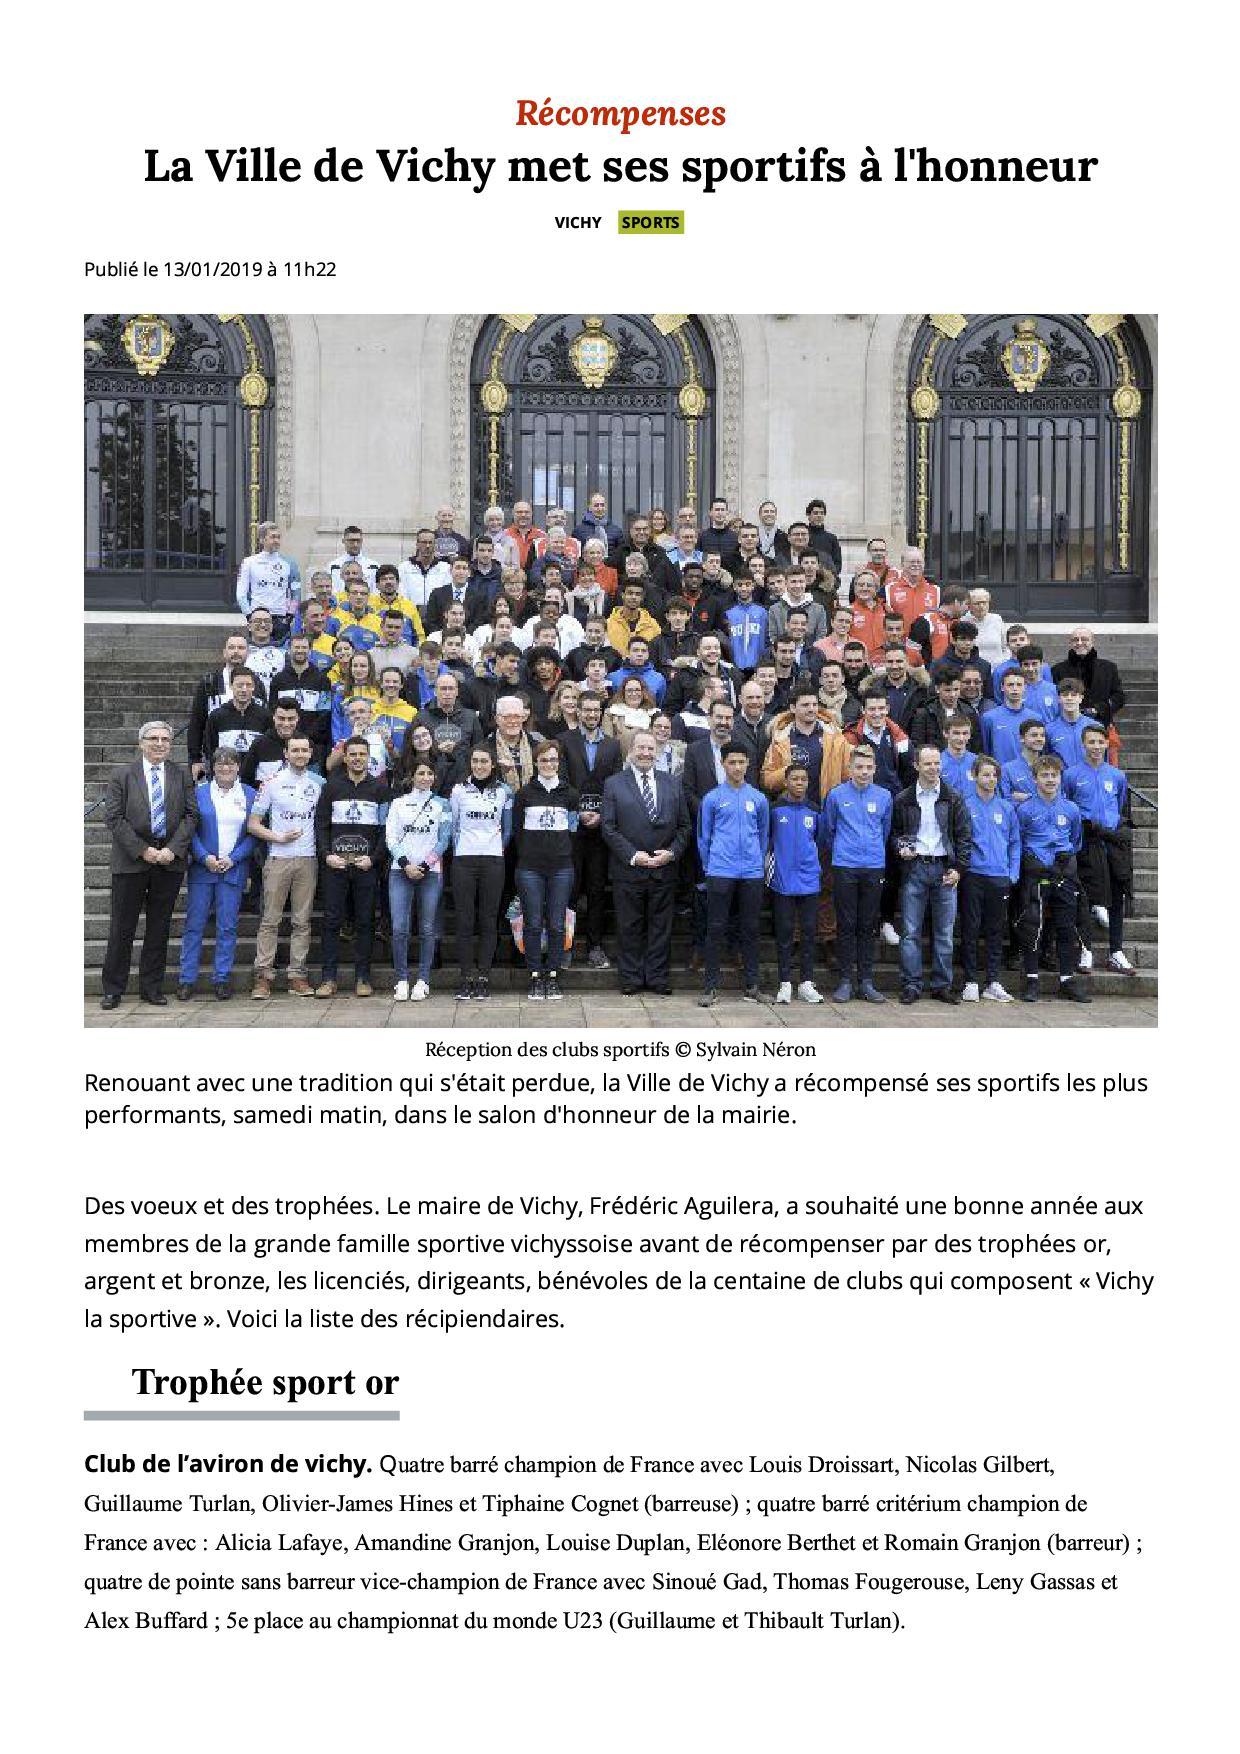 La ville de vichy met ses sportifs a l honneur vichy 03200 la montagne 3